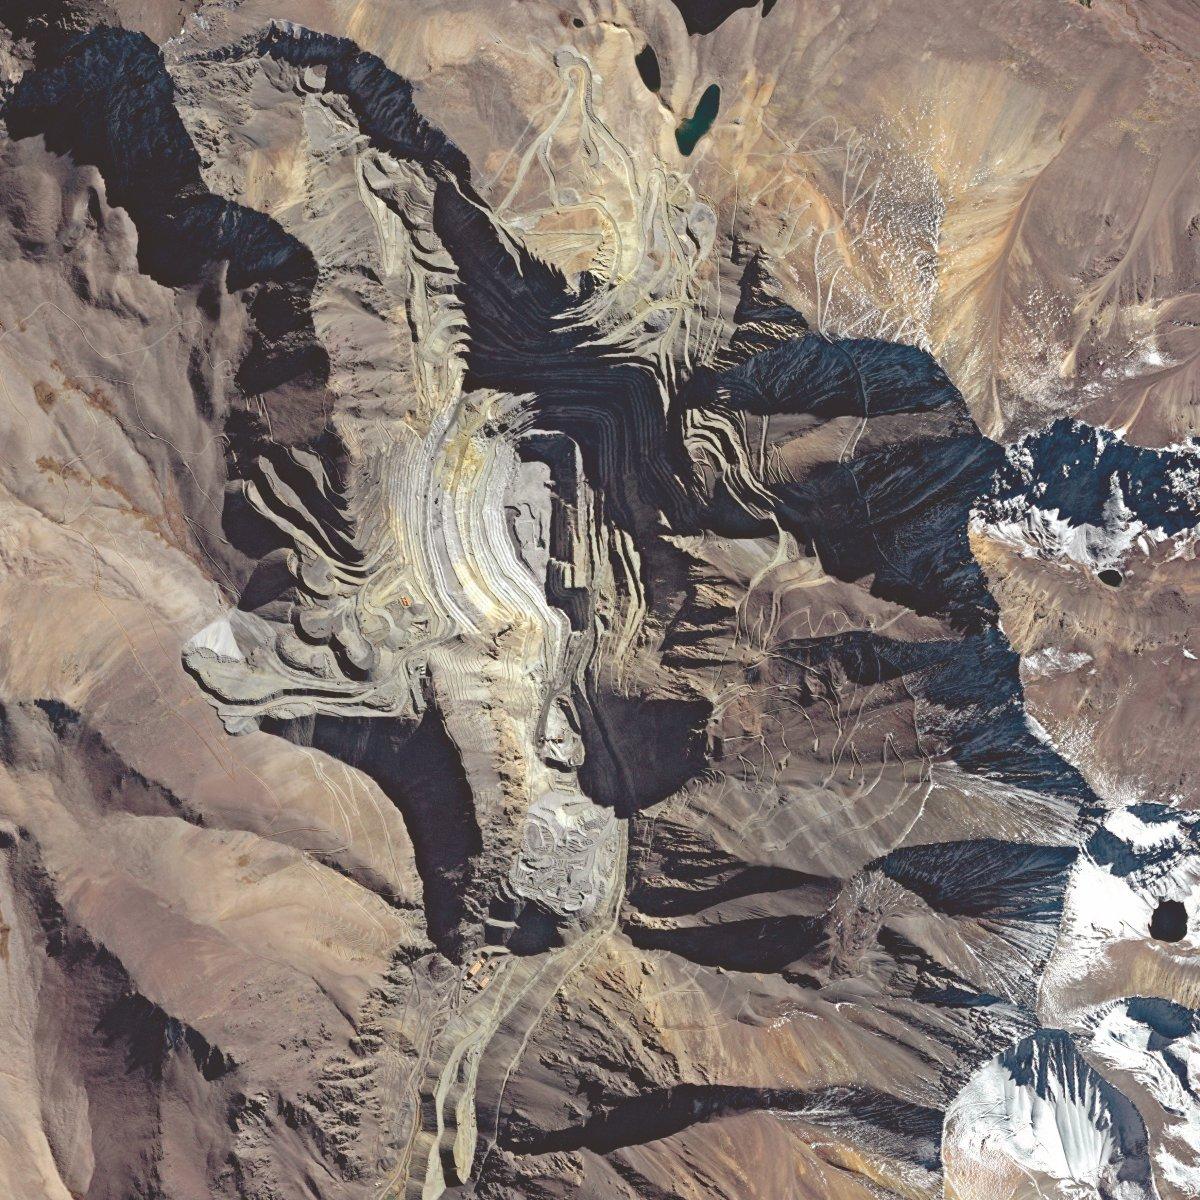 La mine de Los Pelambres au Chili vue par le satellite Formosat-2